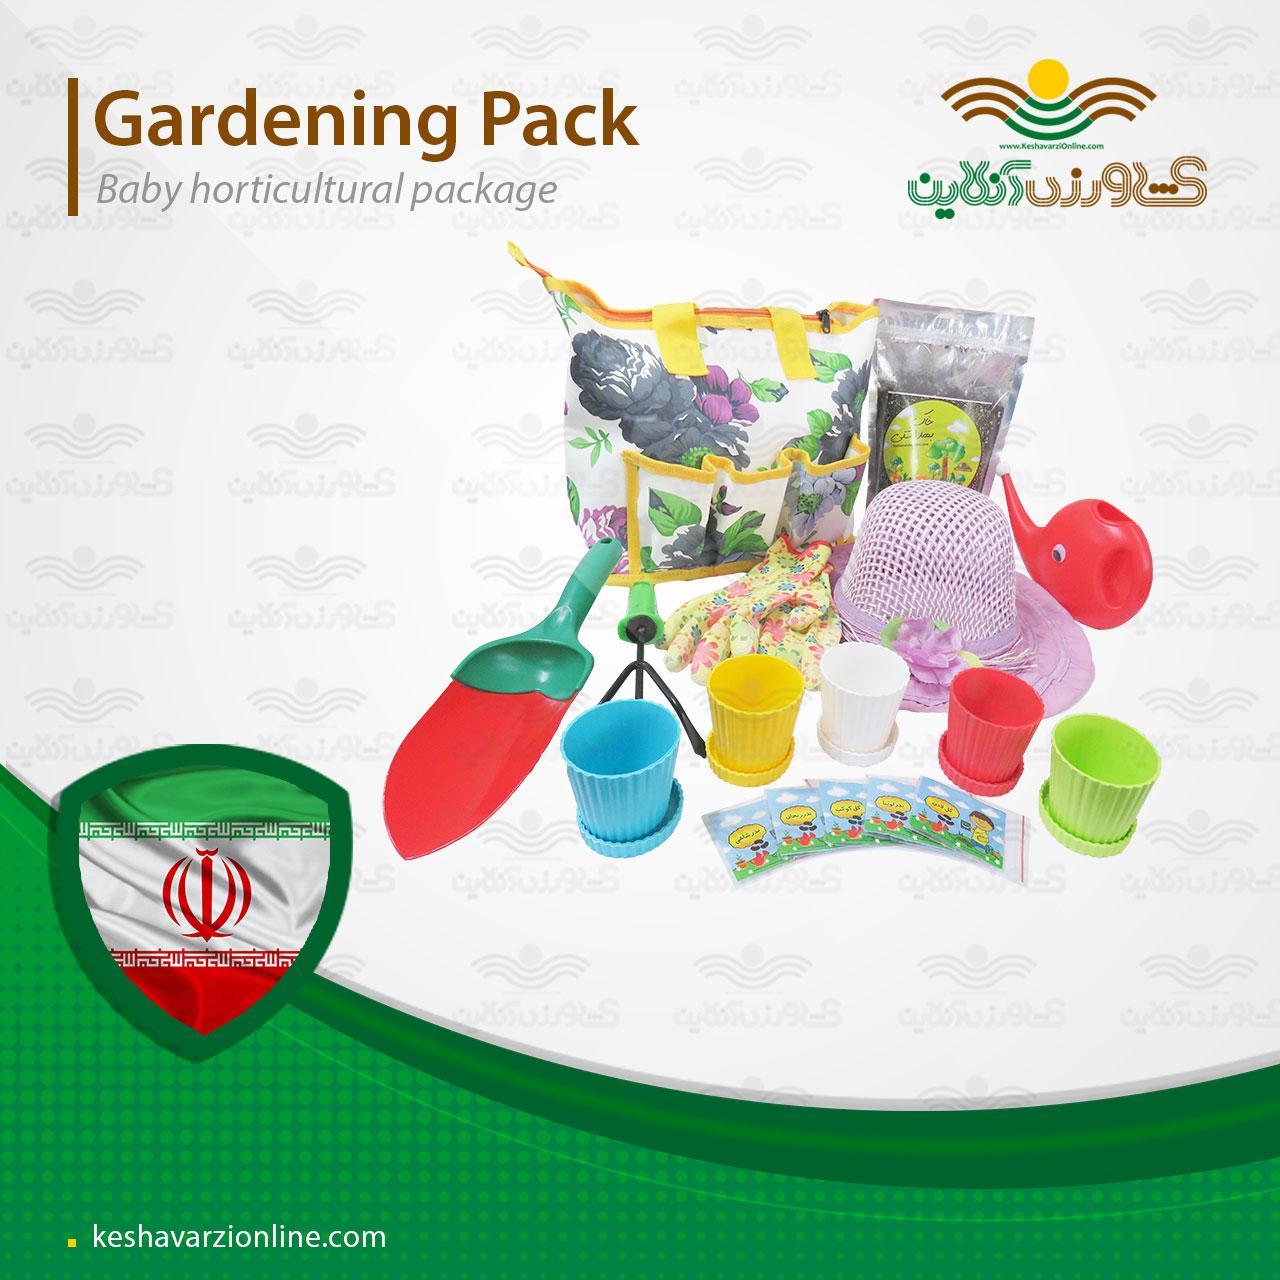 فروش آنلاین بسته باغبانی مخصوص کودک